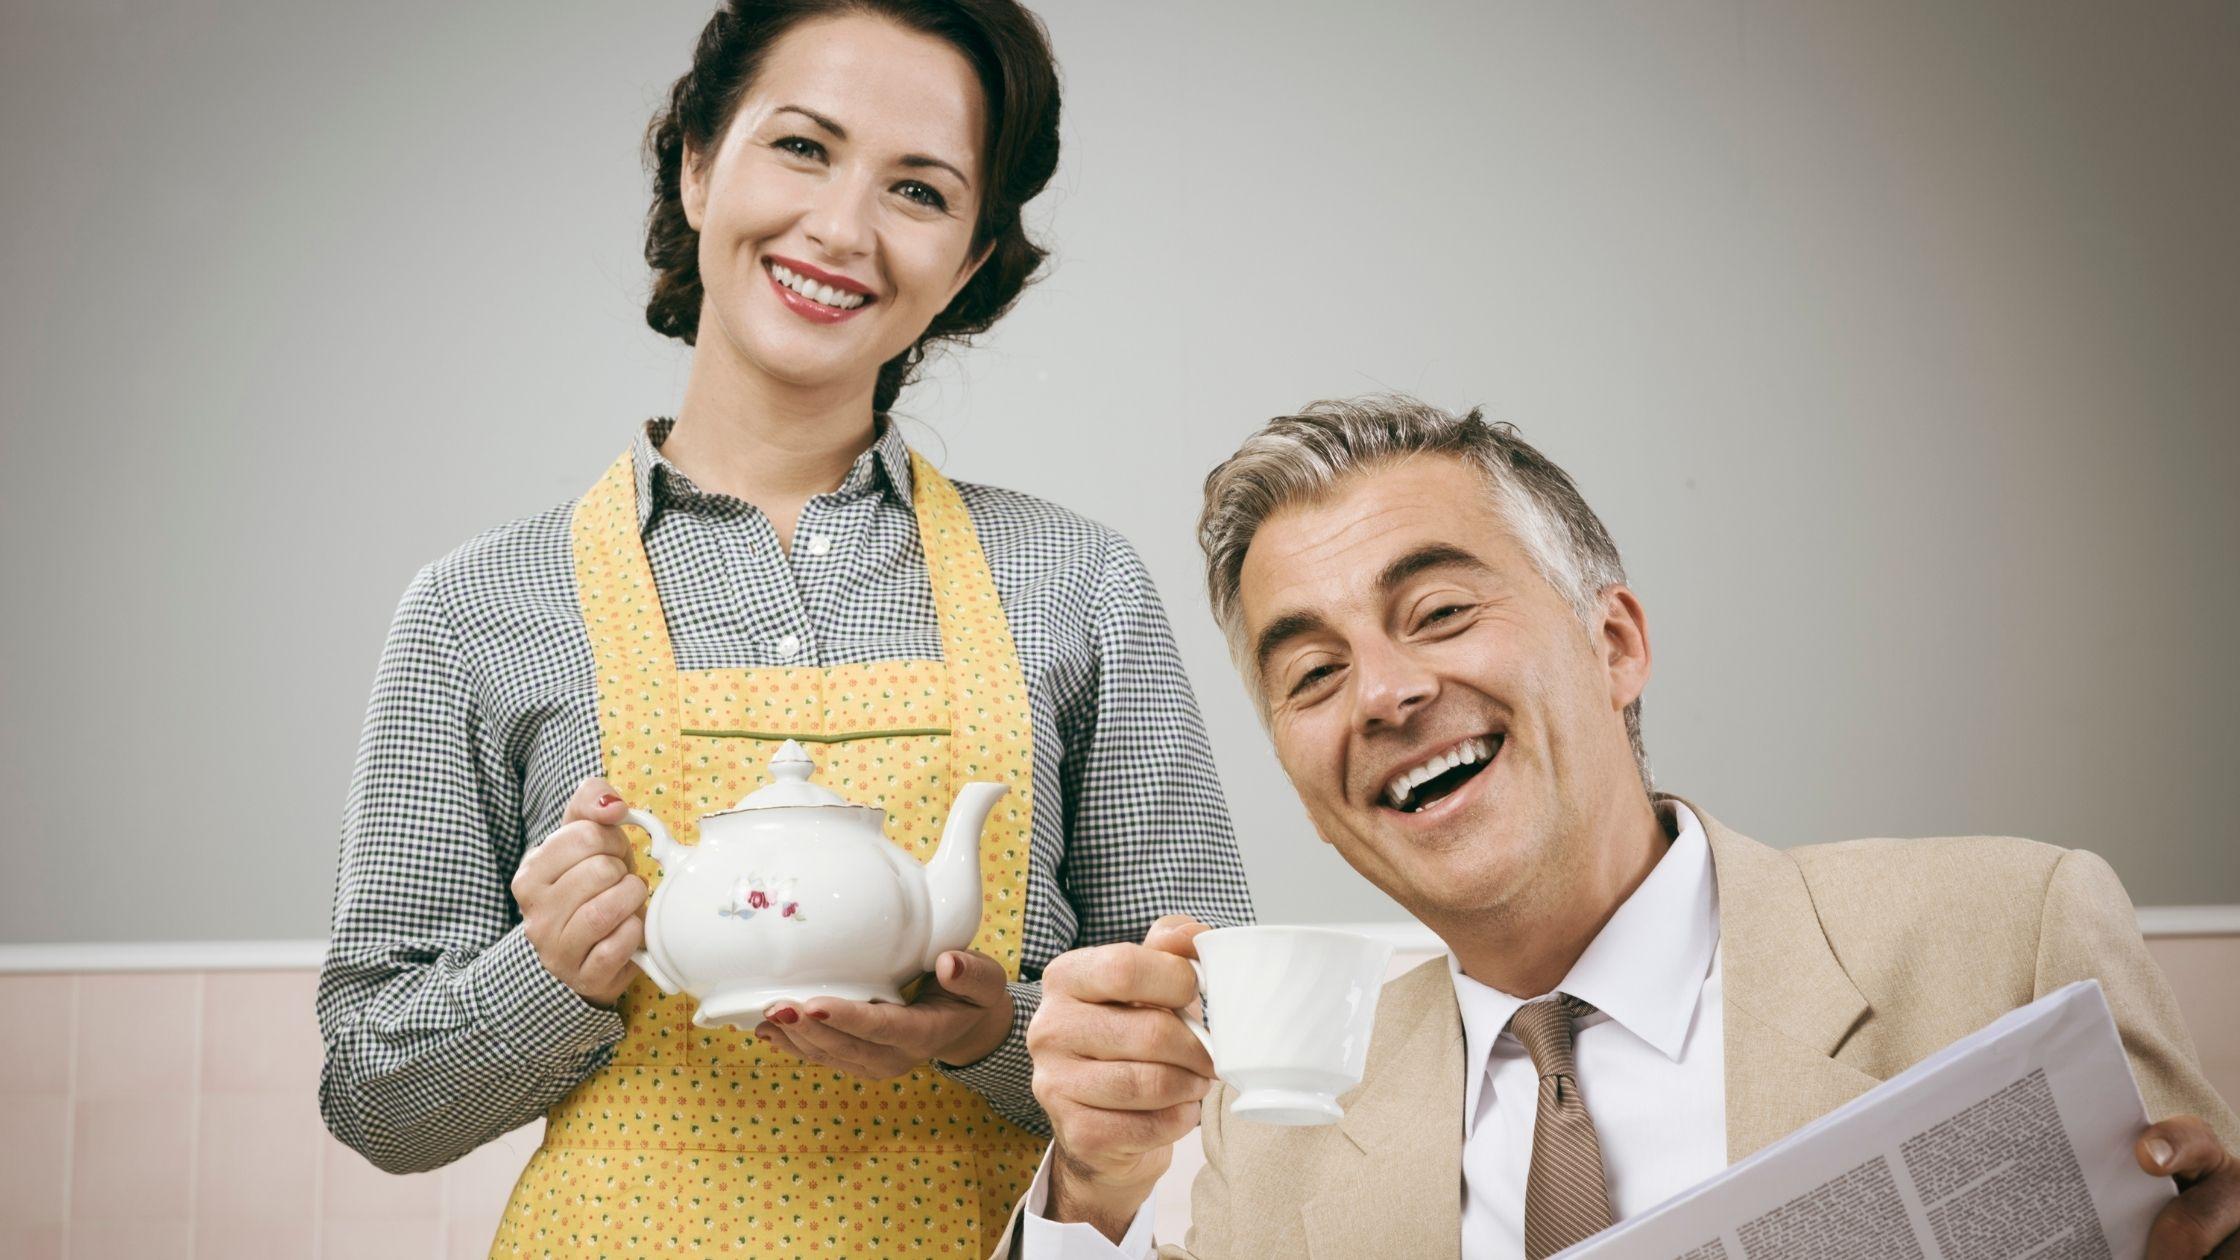 breadwinner couple